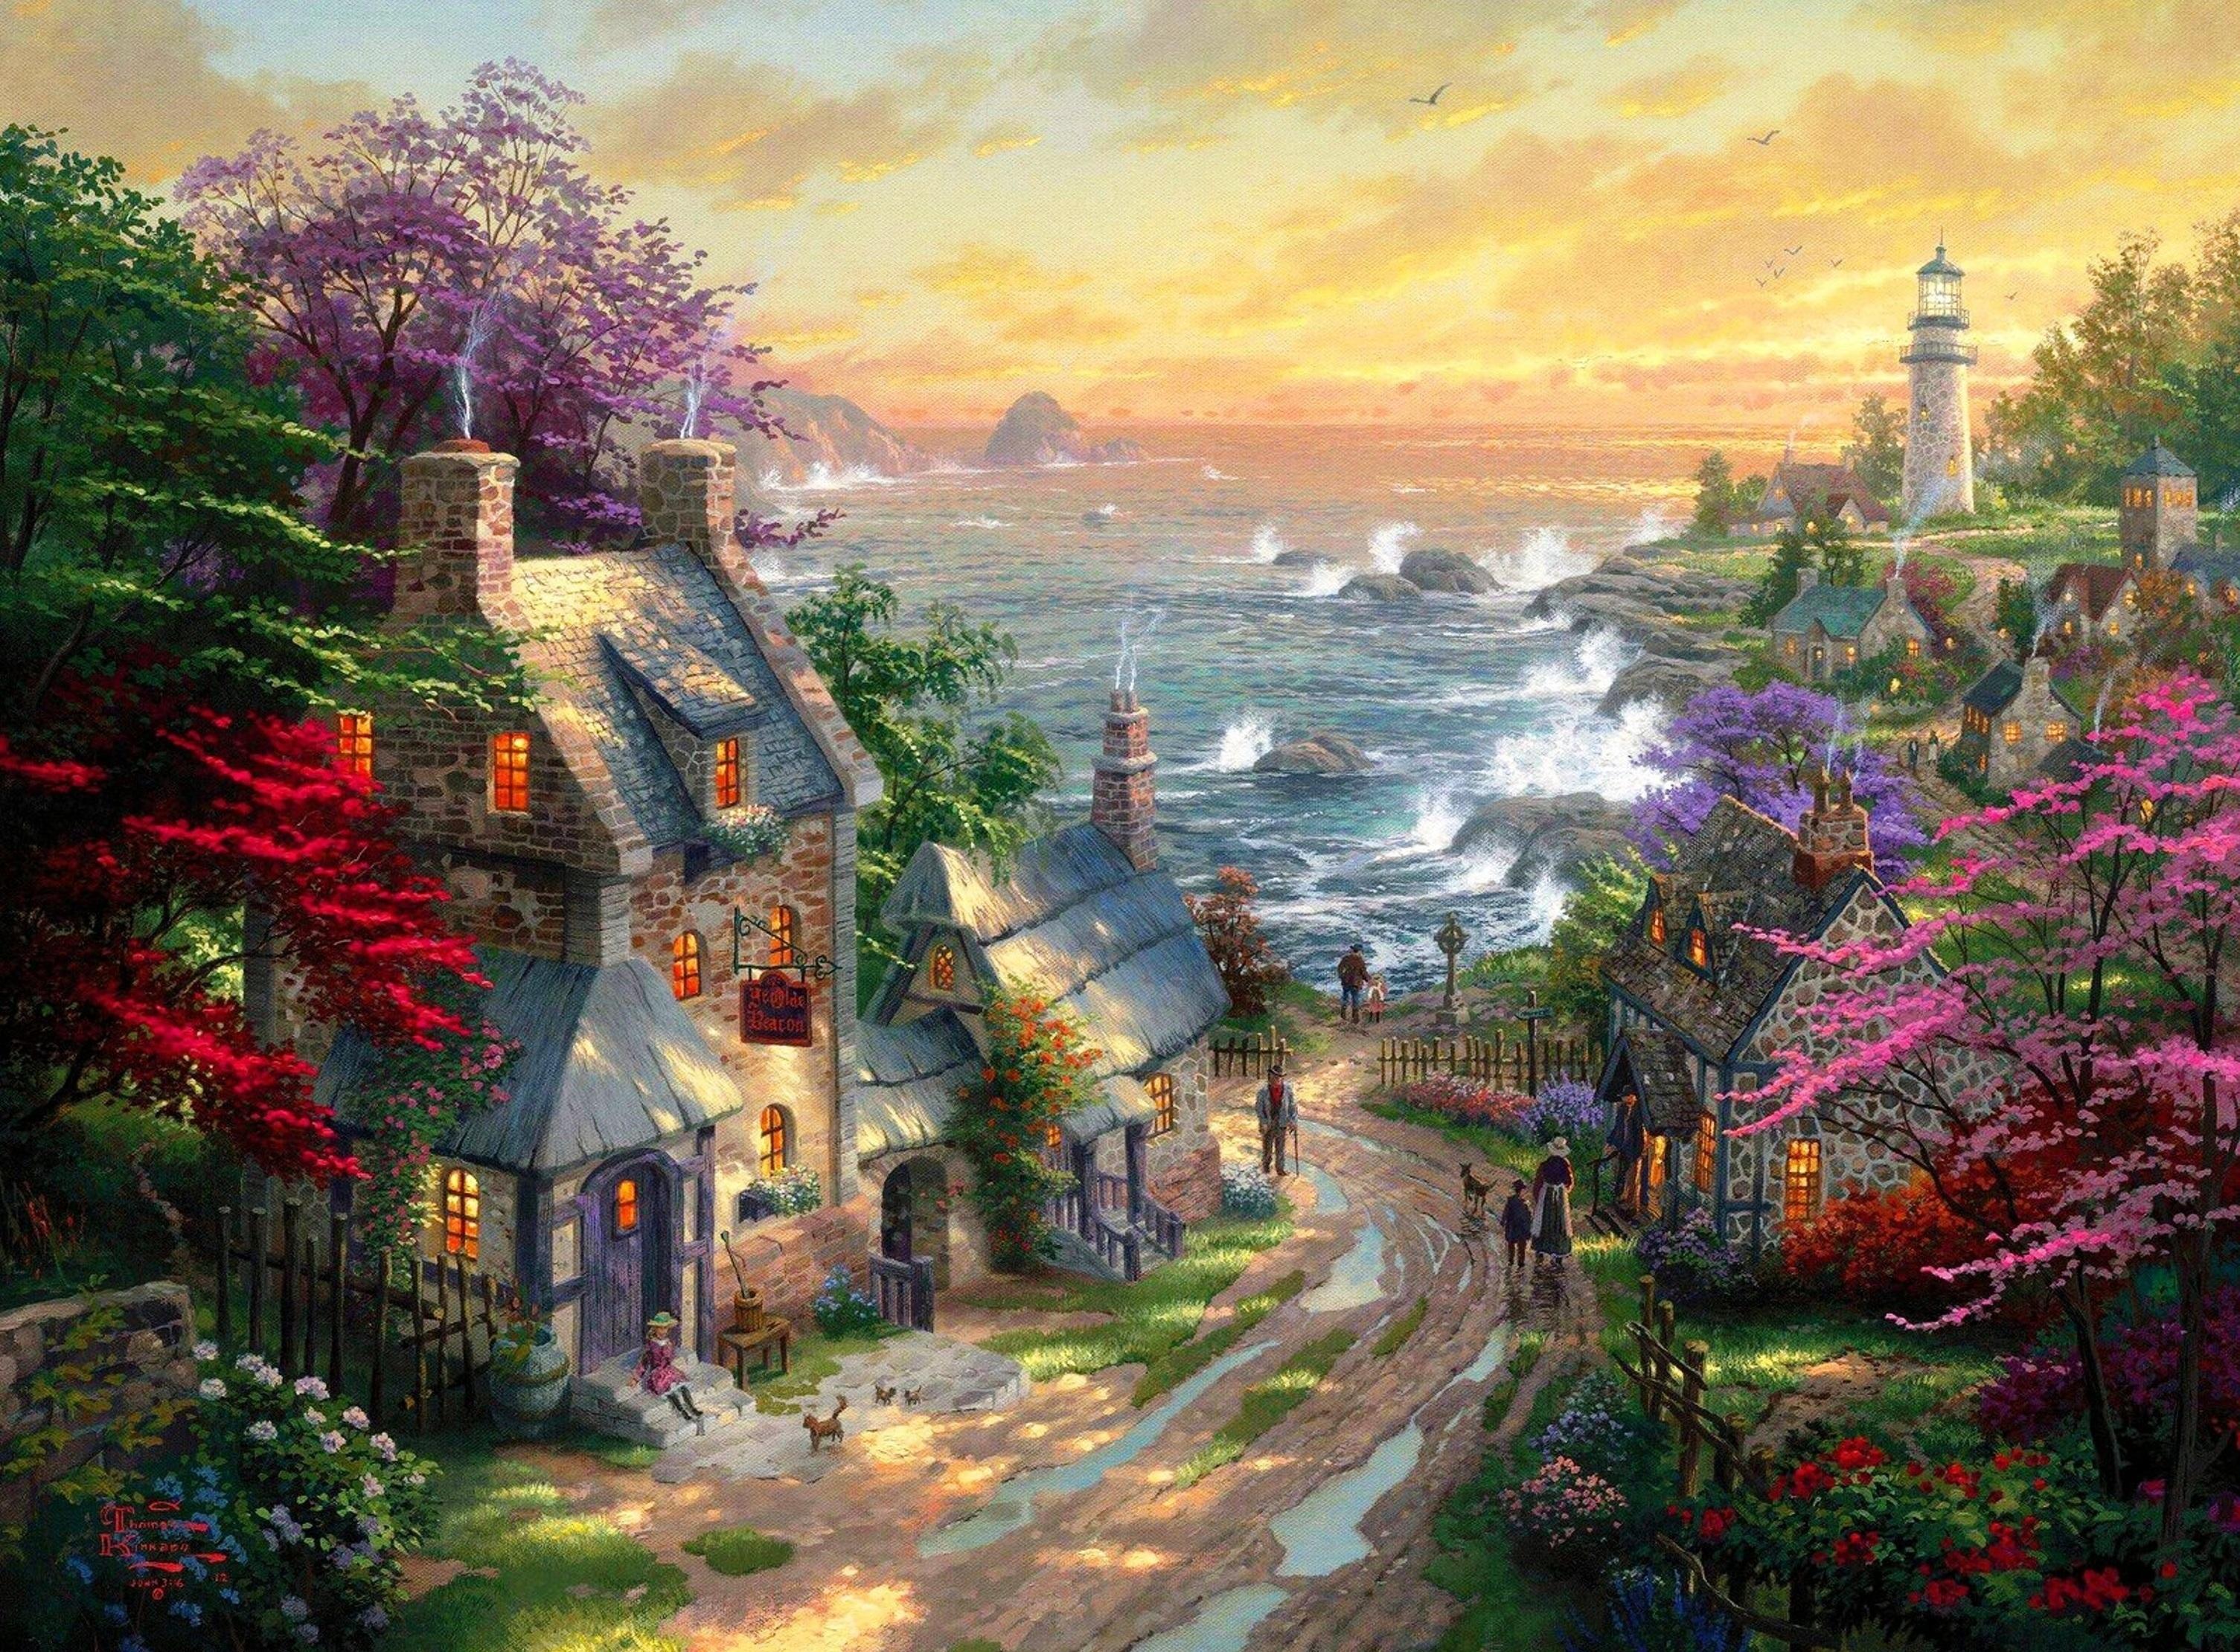 внутрь картинки красивых картин художников нет, фотки